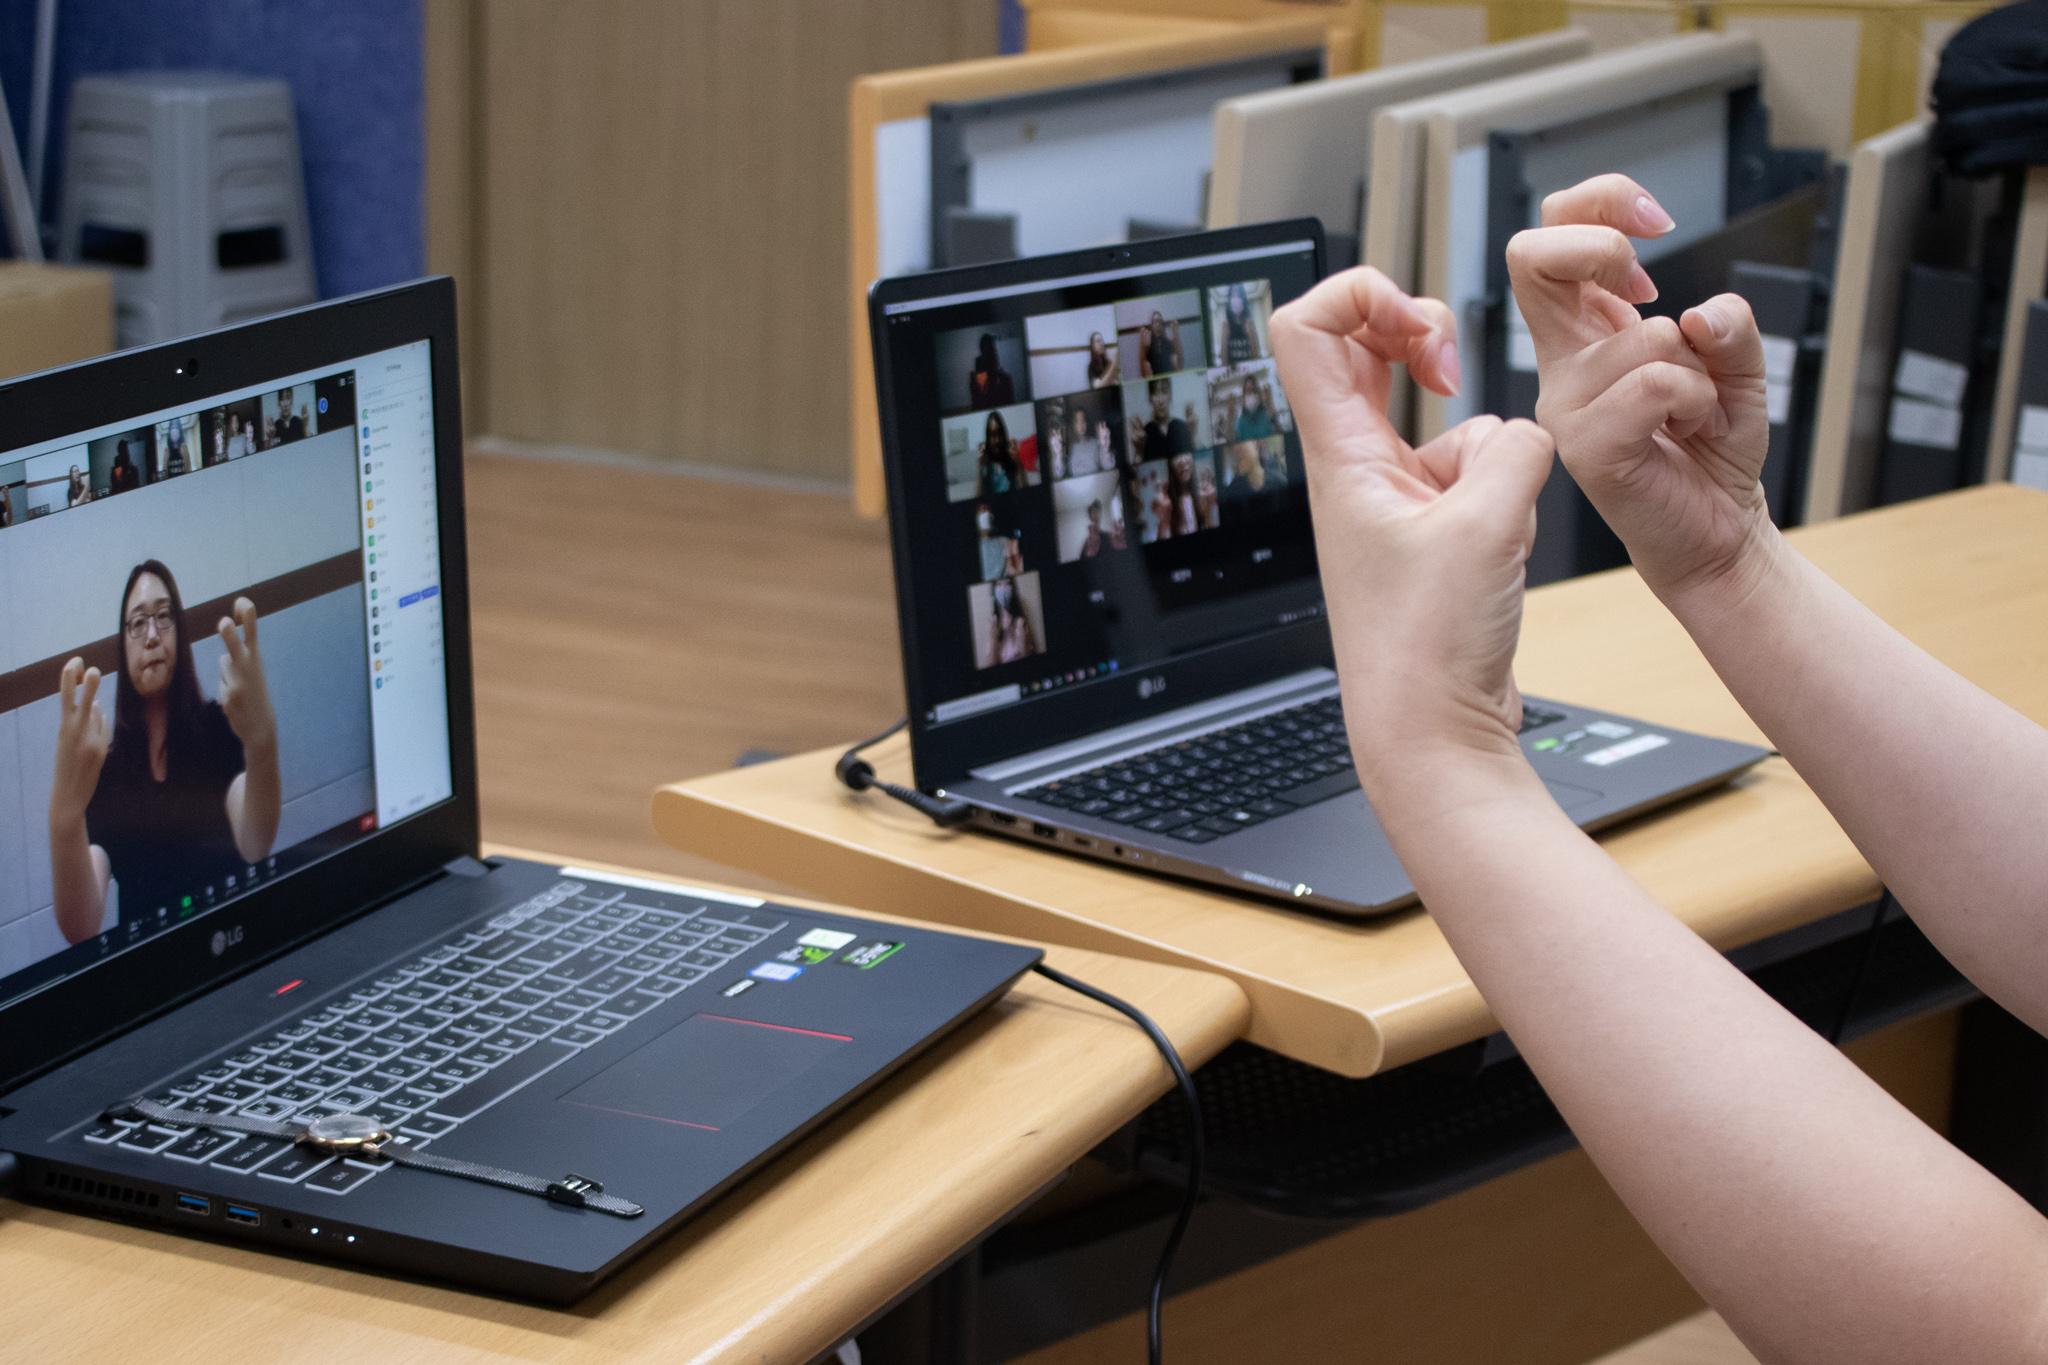 청음복지관(관장 심계원)이 이번 달 8일(화)부터 11월 5일(목)까지 매주 화, 목요일 16회기에 걸쳐 화상회의 플랫폼(ZOOM 프로그램)을 활용한 온라인 수어교육을 운영한다.